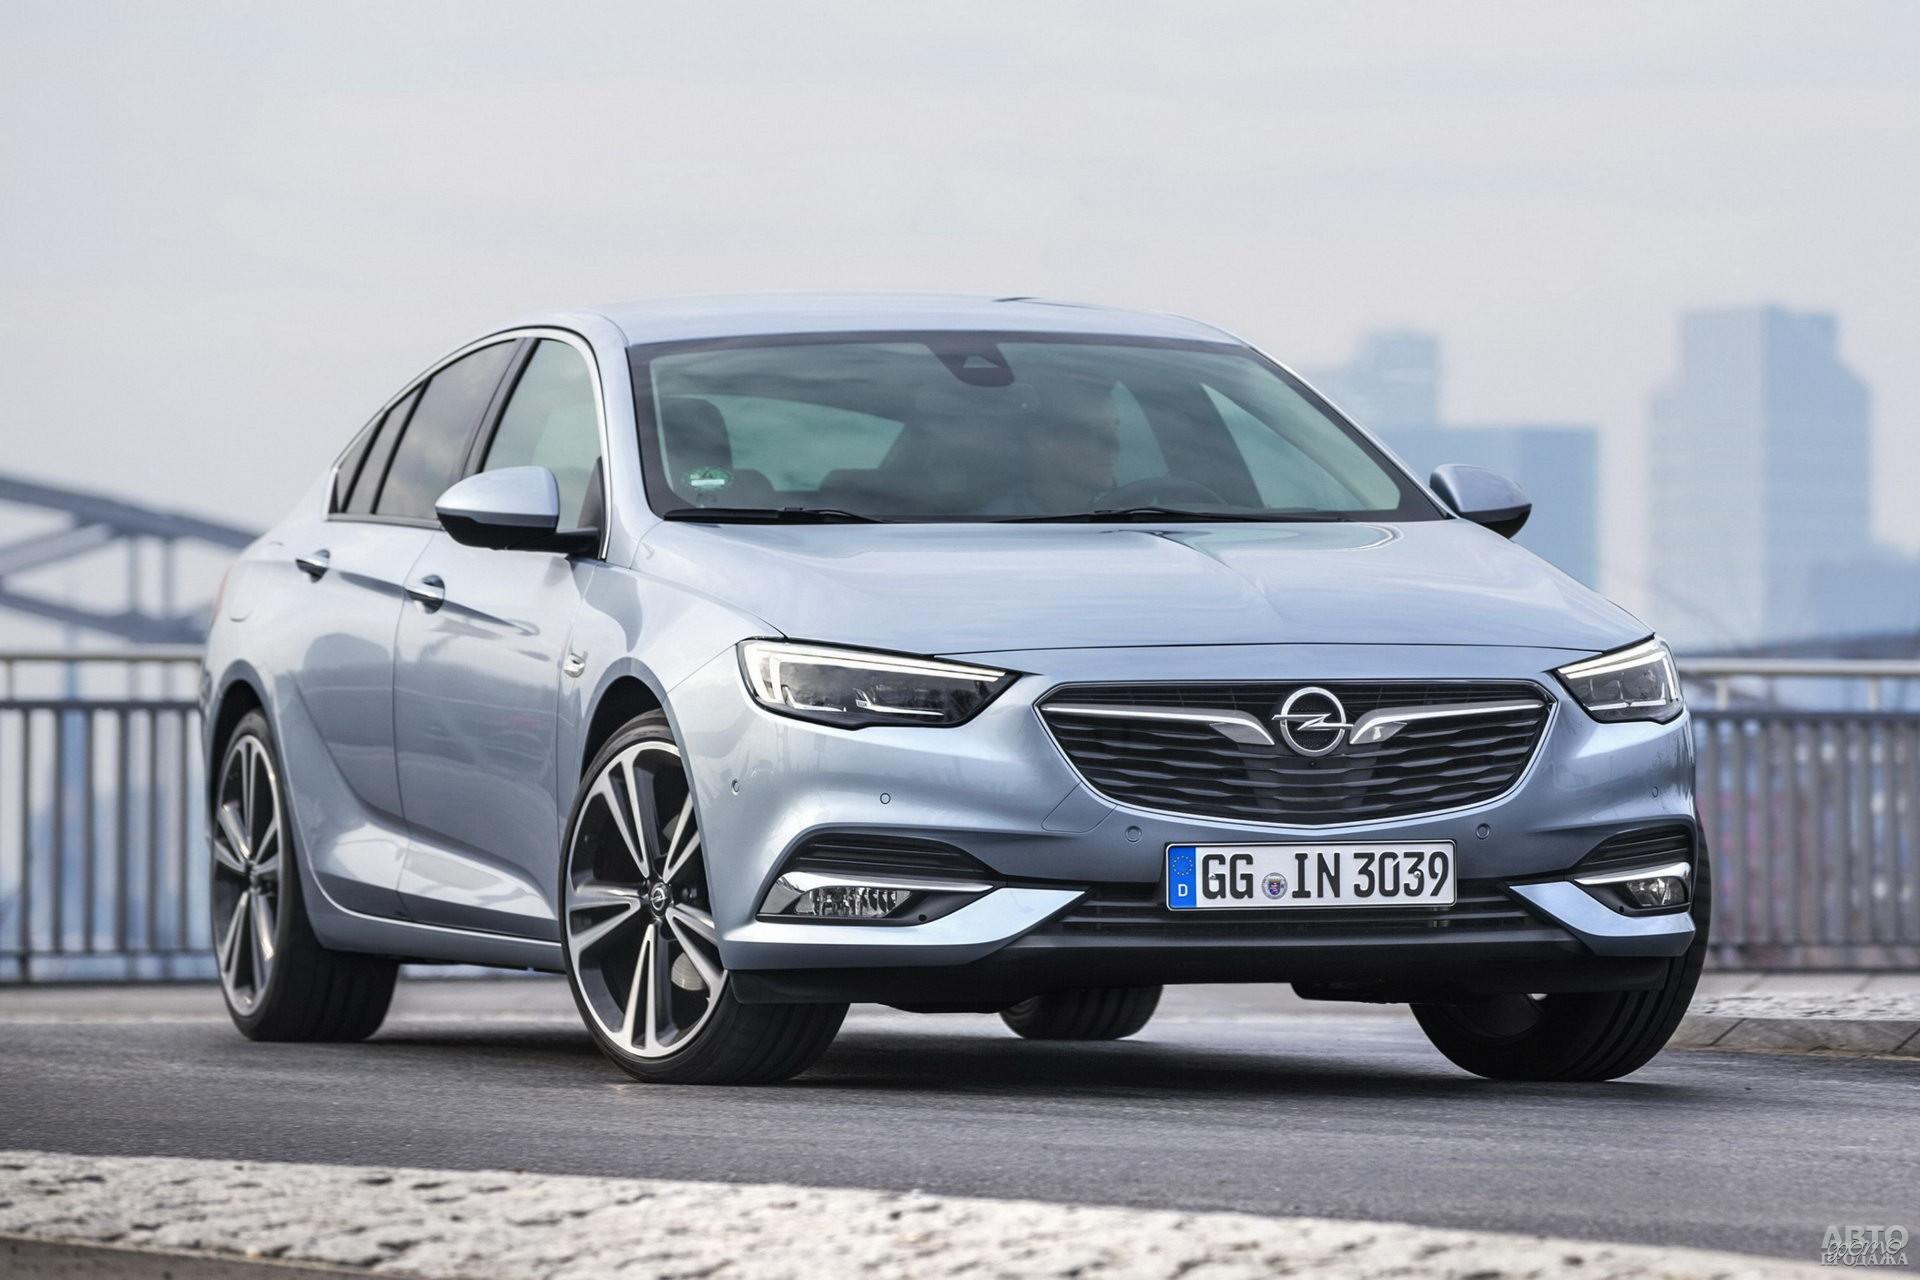 Широкая решетка радиатора Opel_Insignia напоминает улыбку